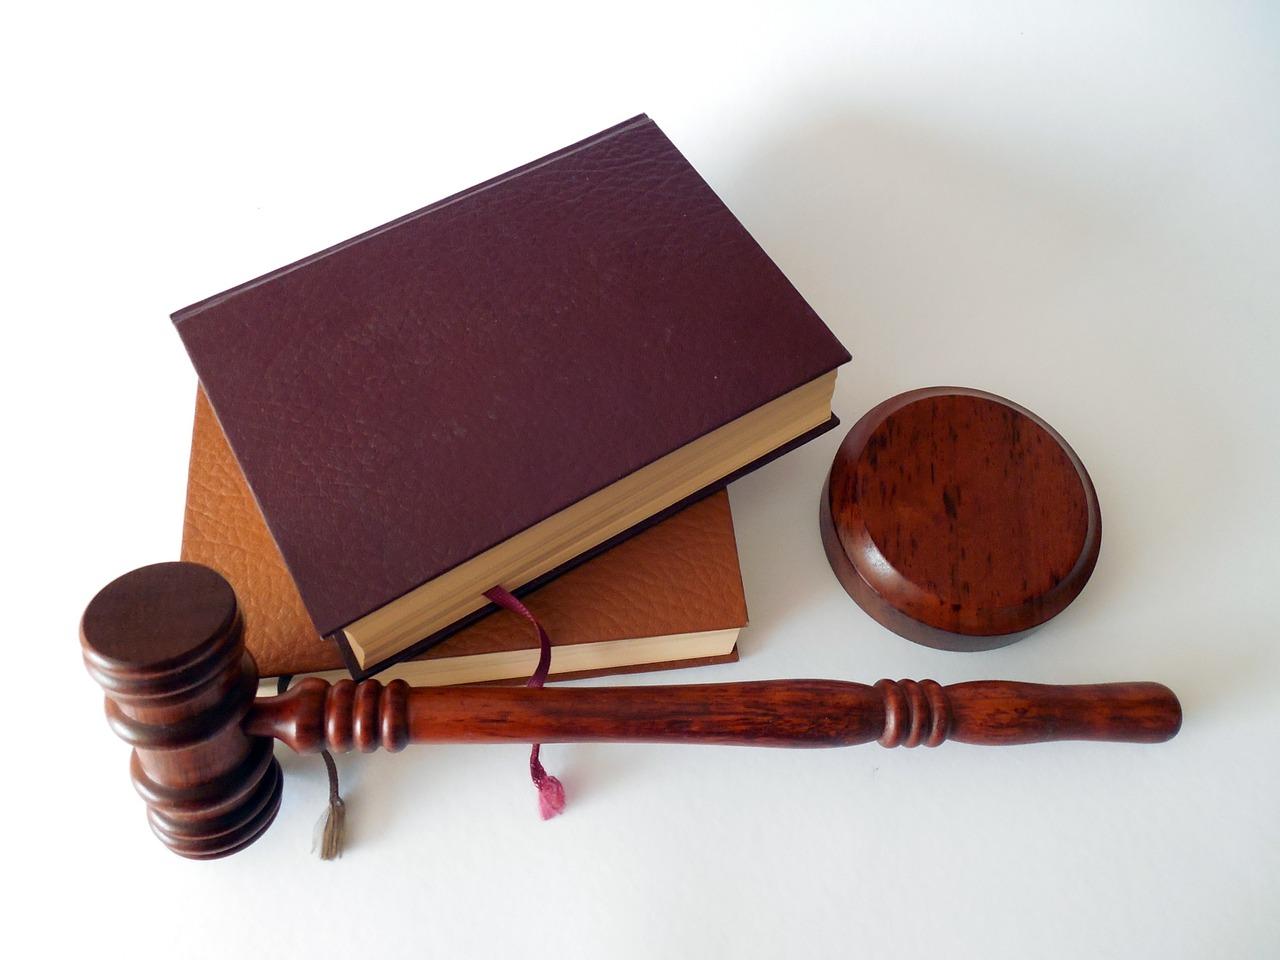 Kiedy i dlaczego warto korzystać z pomocy prawnej?